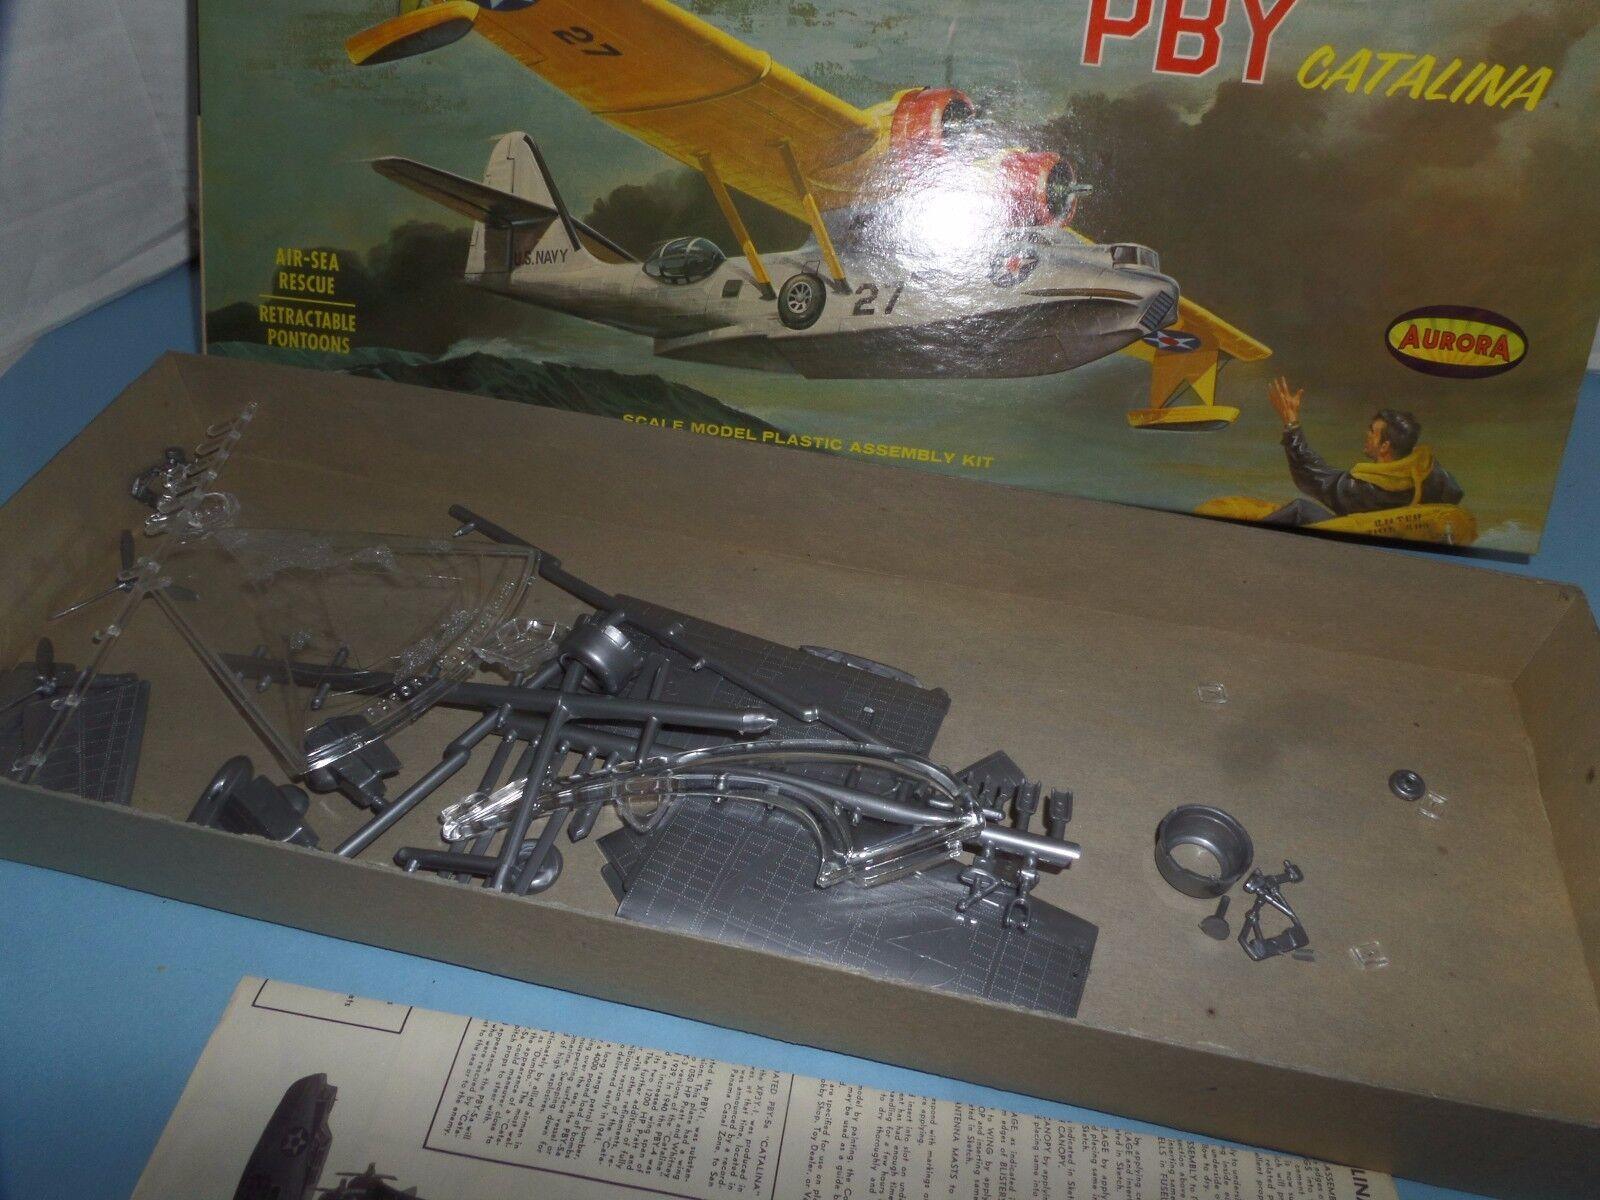 AURORA PBY CATALINA CATALINA CATALINA SEAPLANE YEAR 1962 b26faf